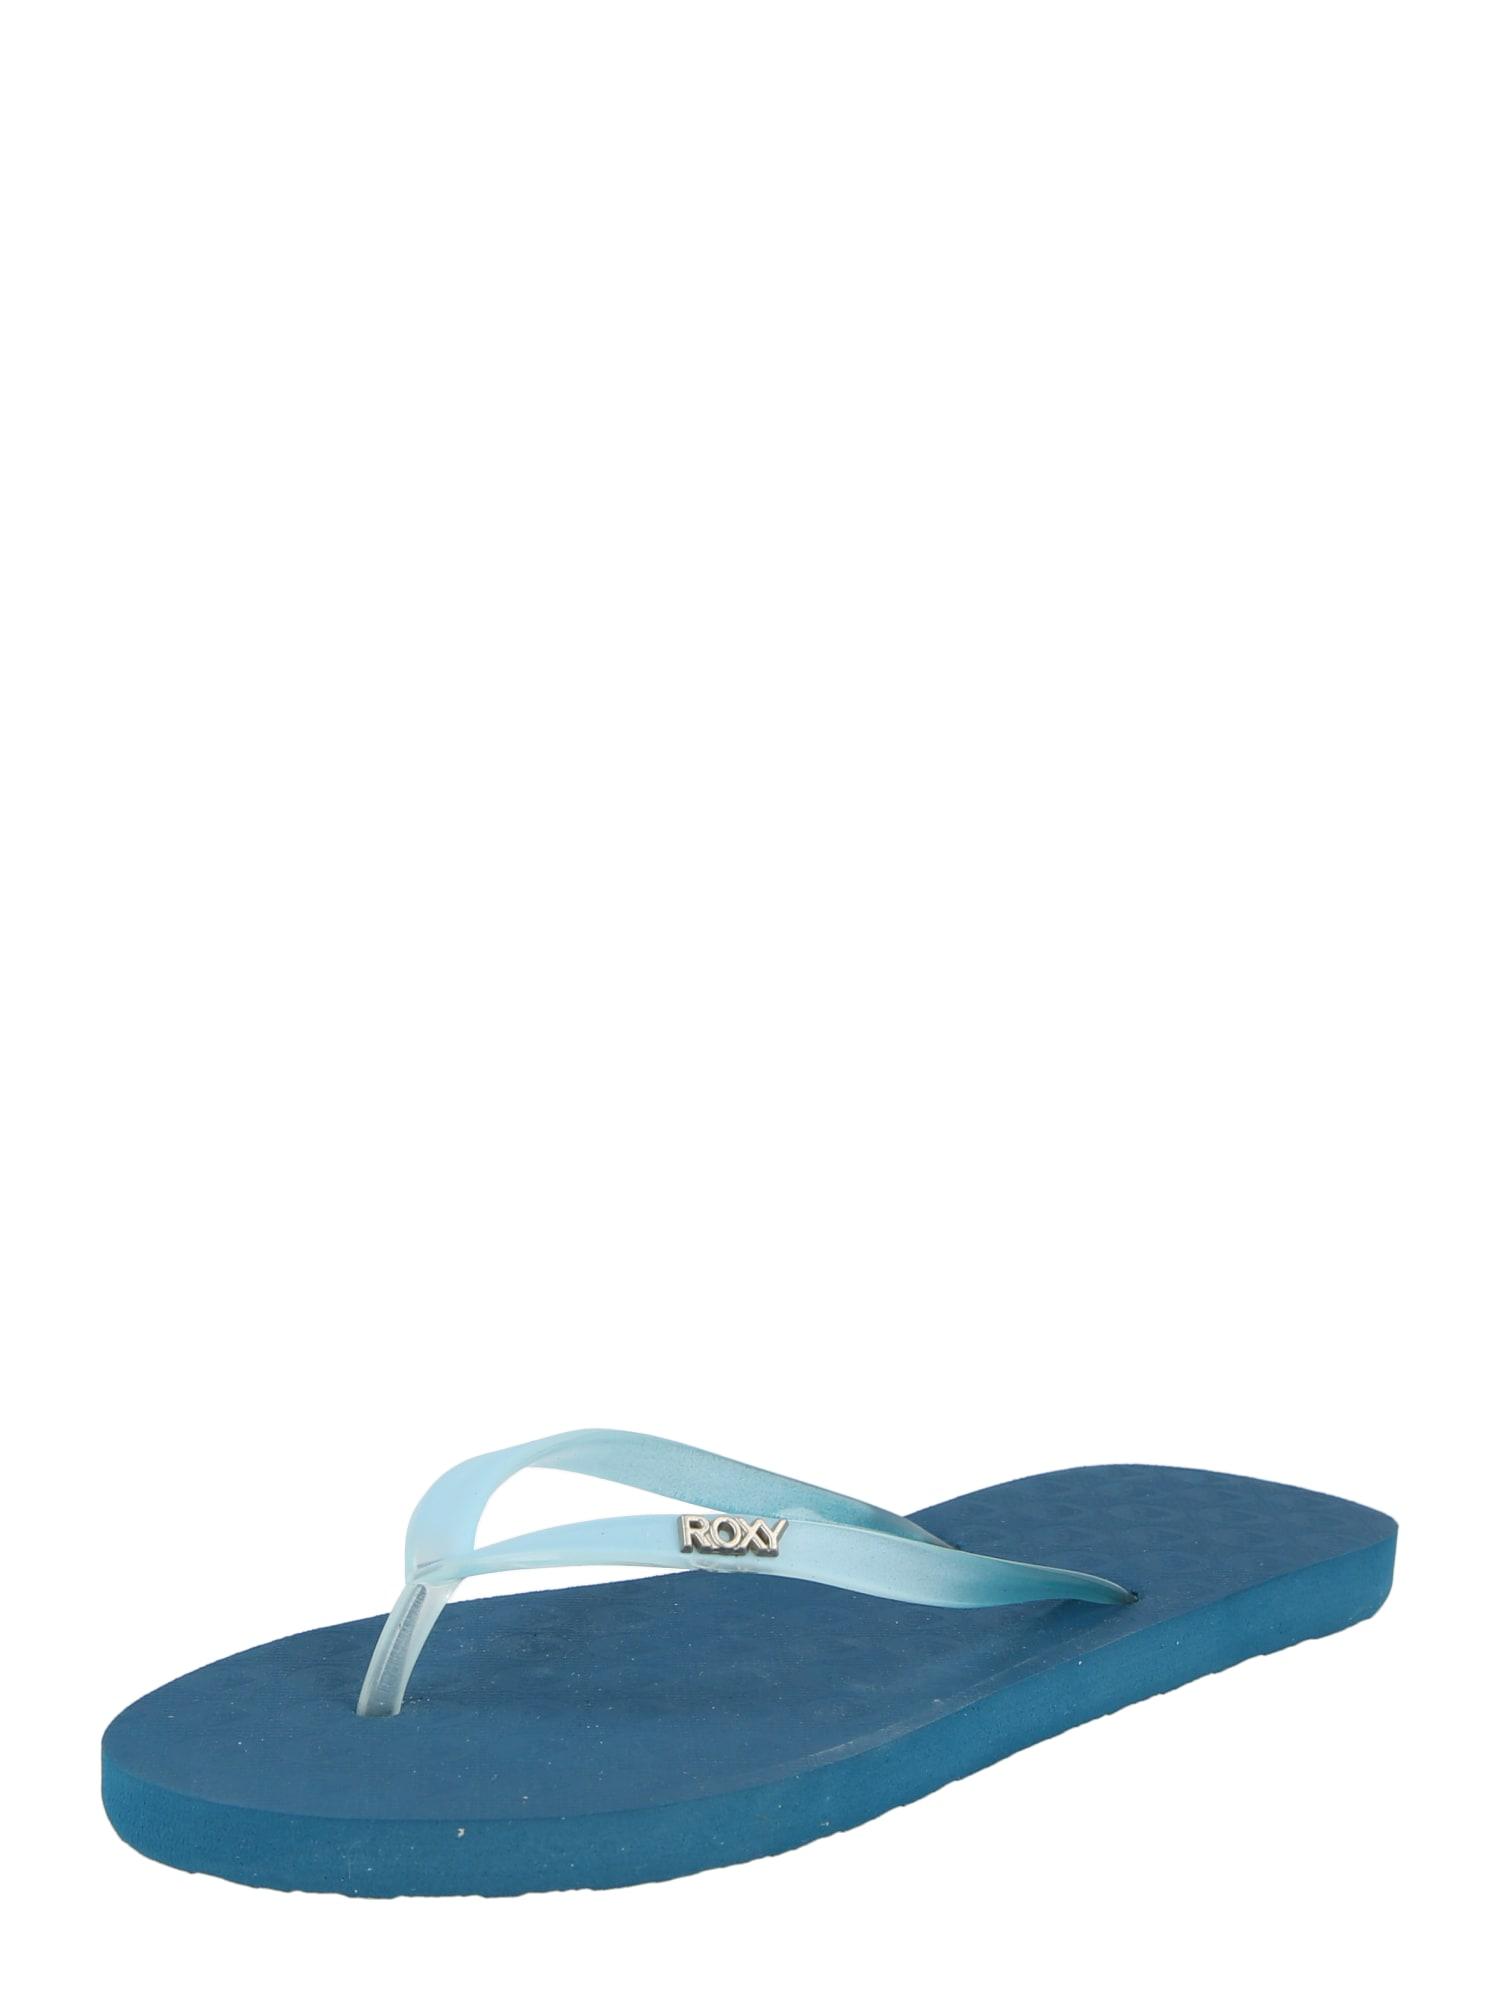 ROXY Séparateur d'orteils 'VIVA'  - Bleu - Taille: 11 - female